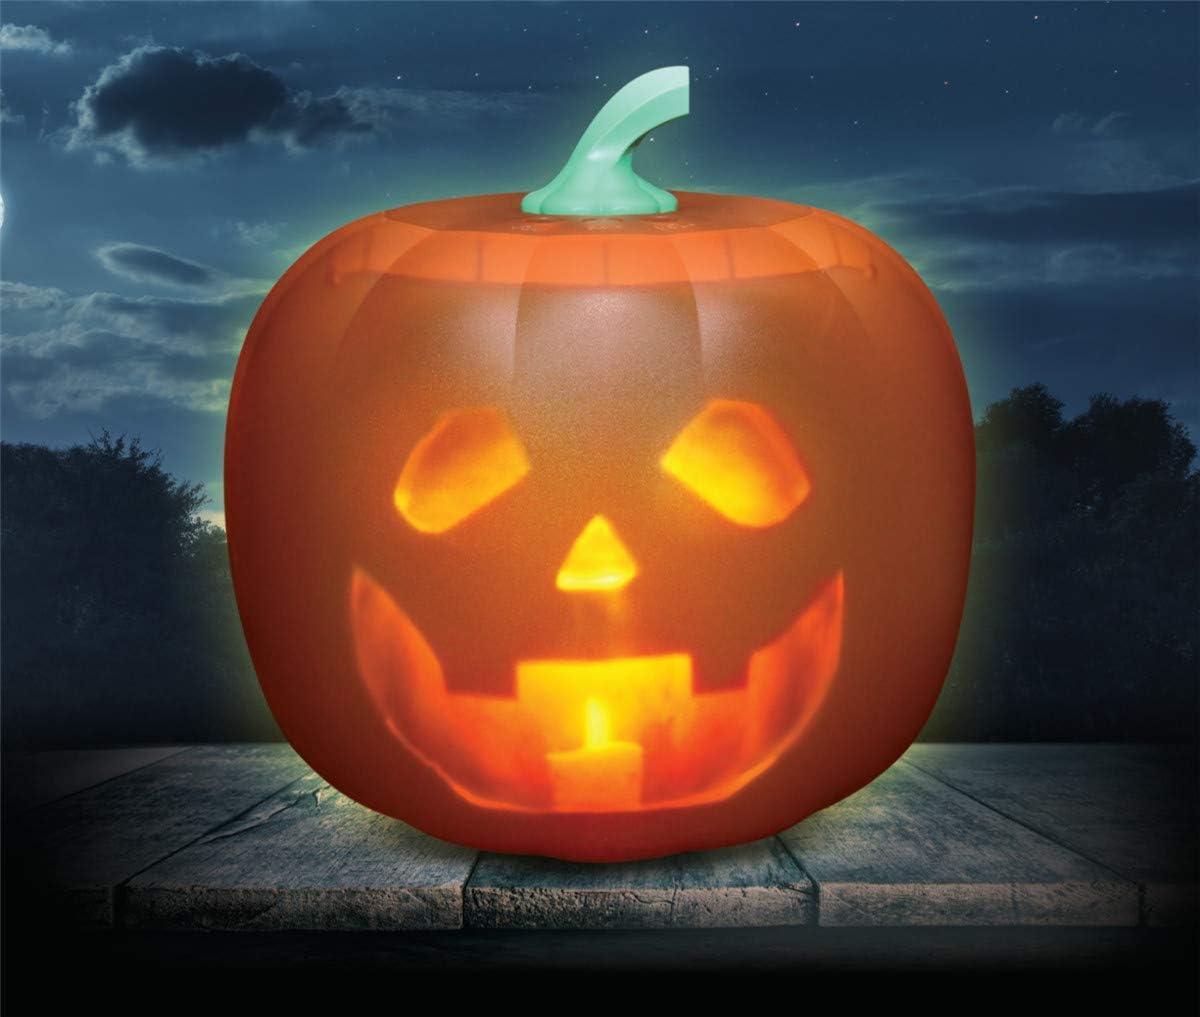 Halloween Reden Animated K/ürbis mit eingebautem Projektor und Lautsprecher Halloween-Flash-Reden Animated Led K/ürbis K/ürbis Led-Projektions-Lampe f/ür Zuhause-Partei